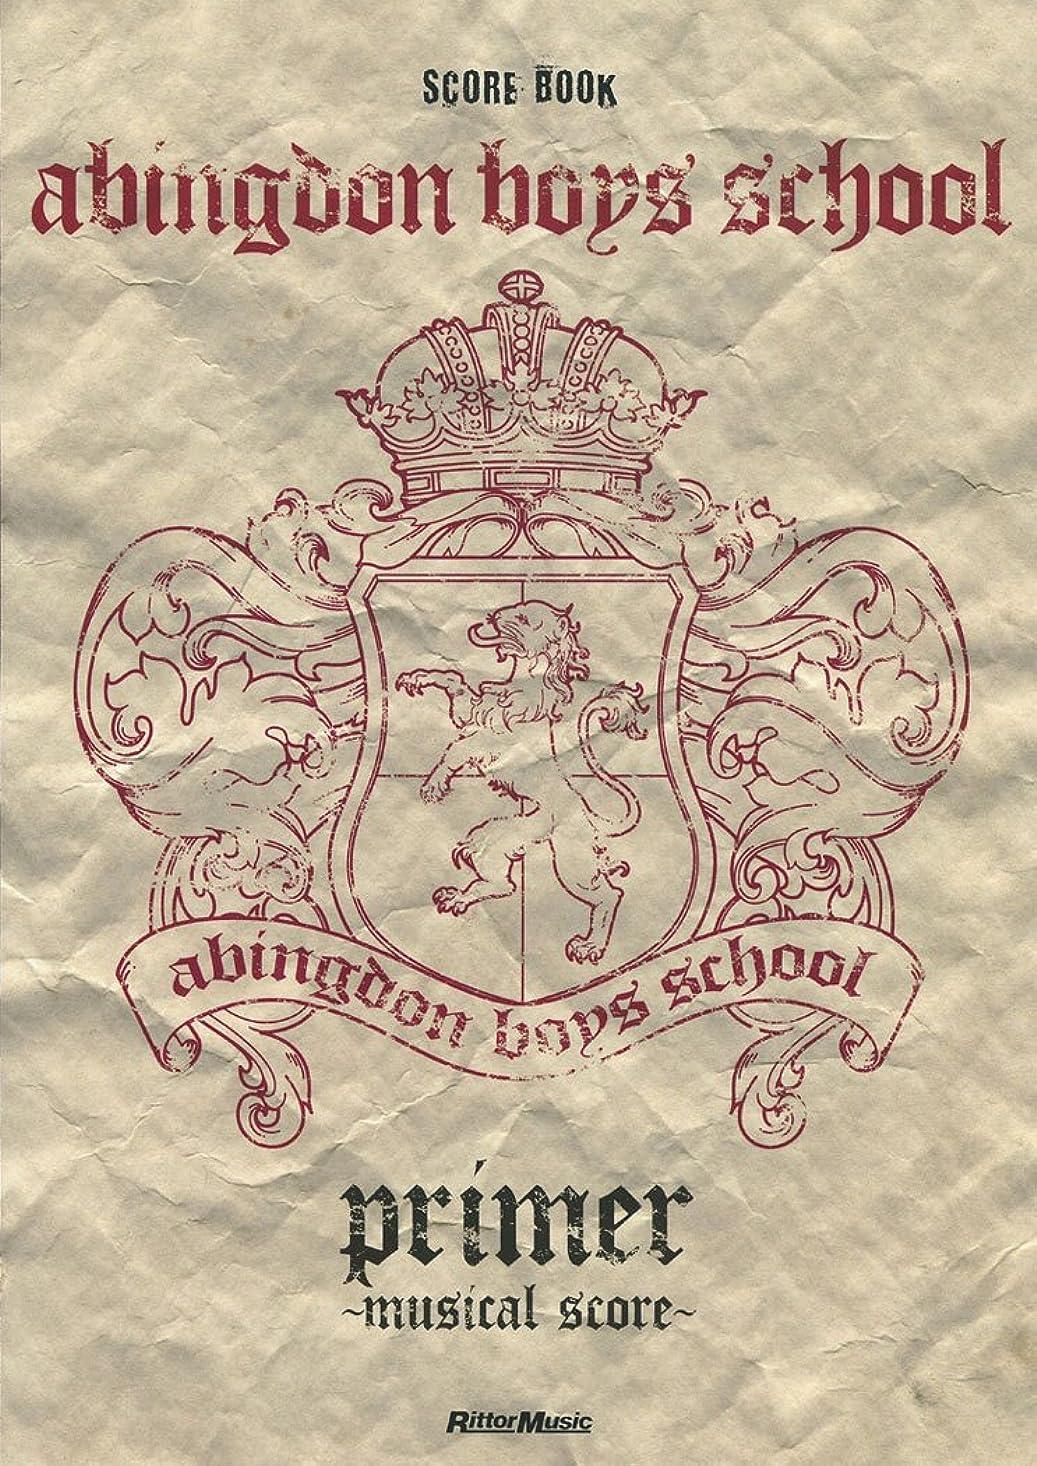 失望部族毎日abingdon boys school/primer ~musical score~ (スコア?ブック)